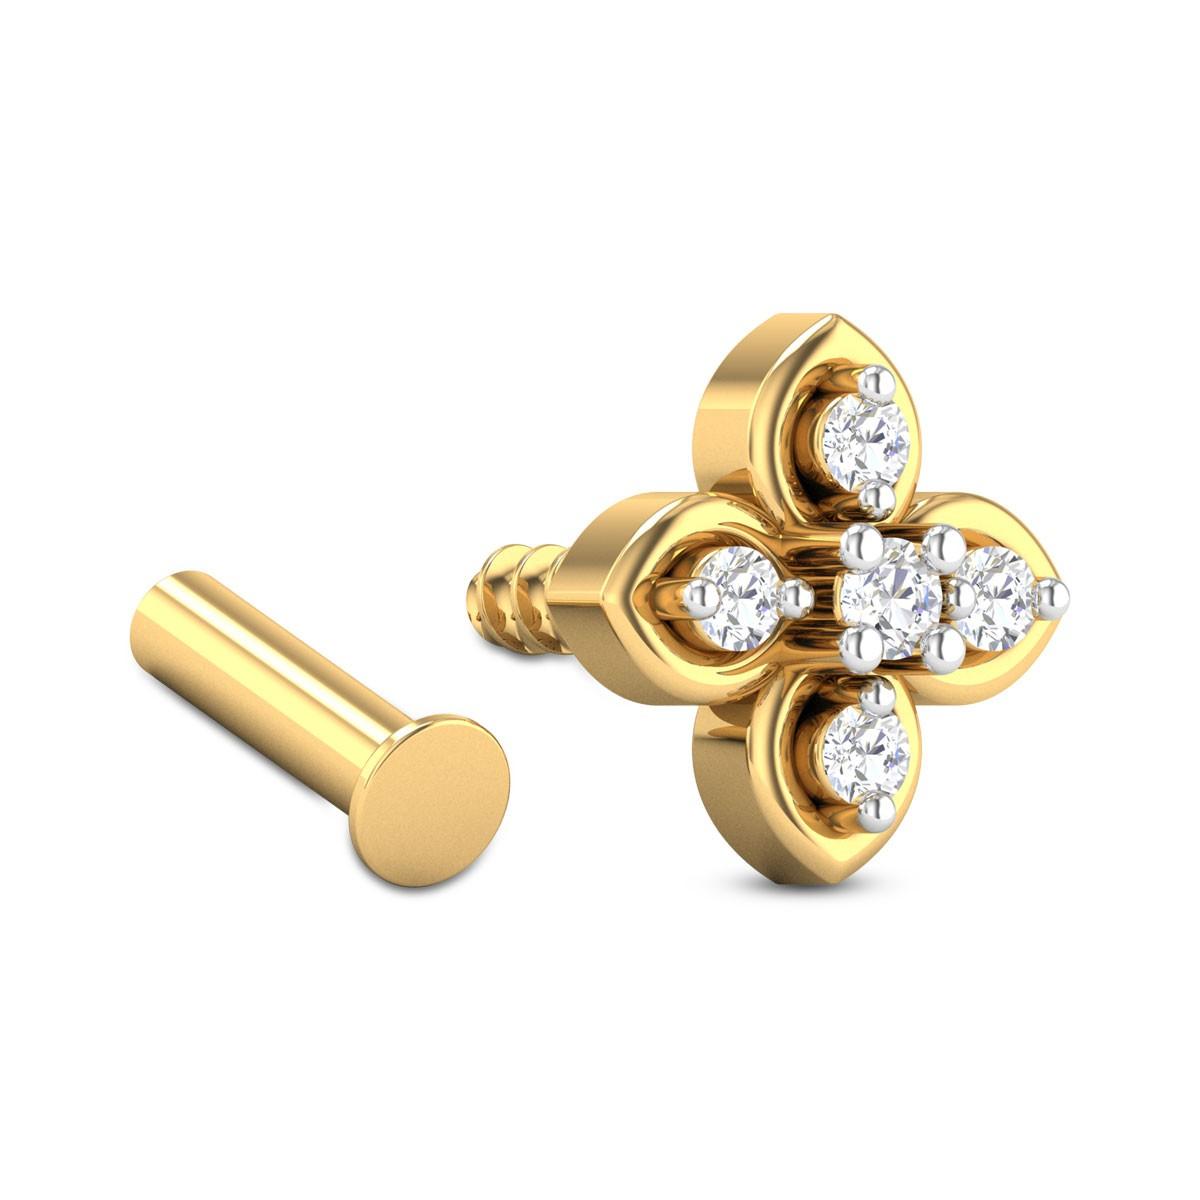 Fabian Five Stone Floral Diamond Nosepin